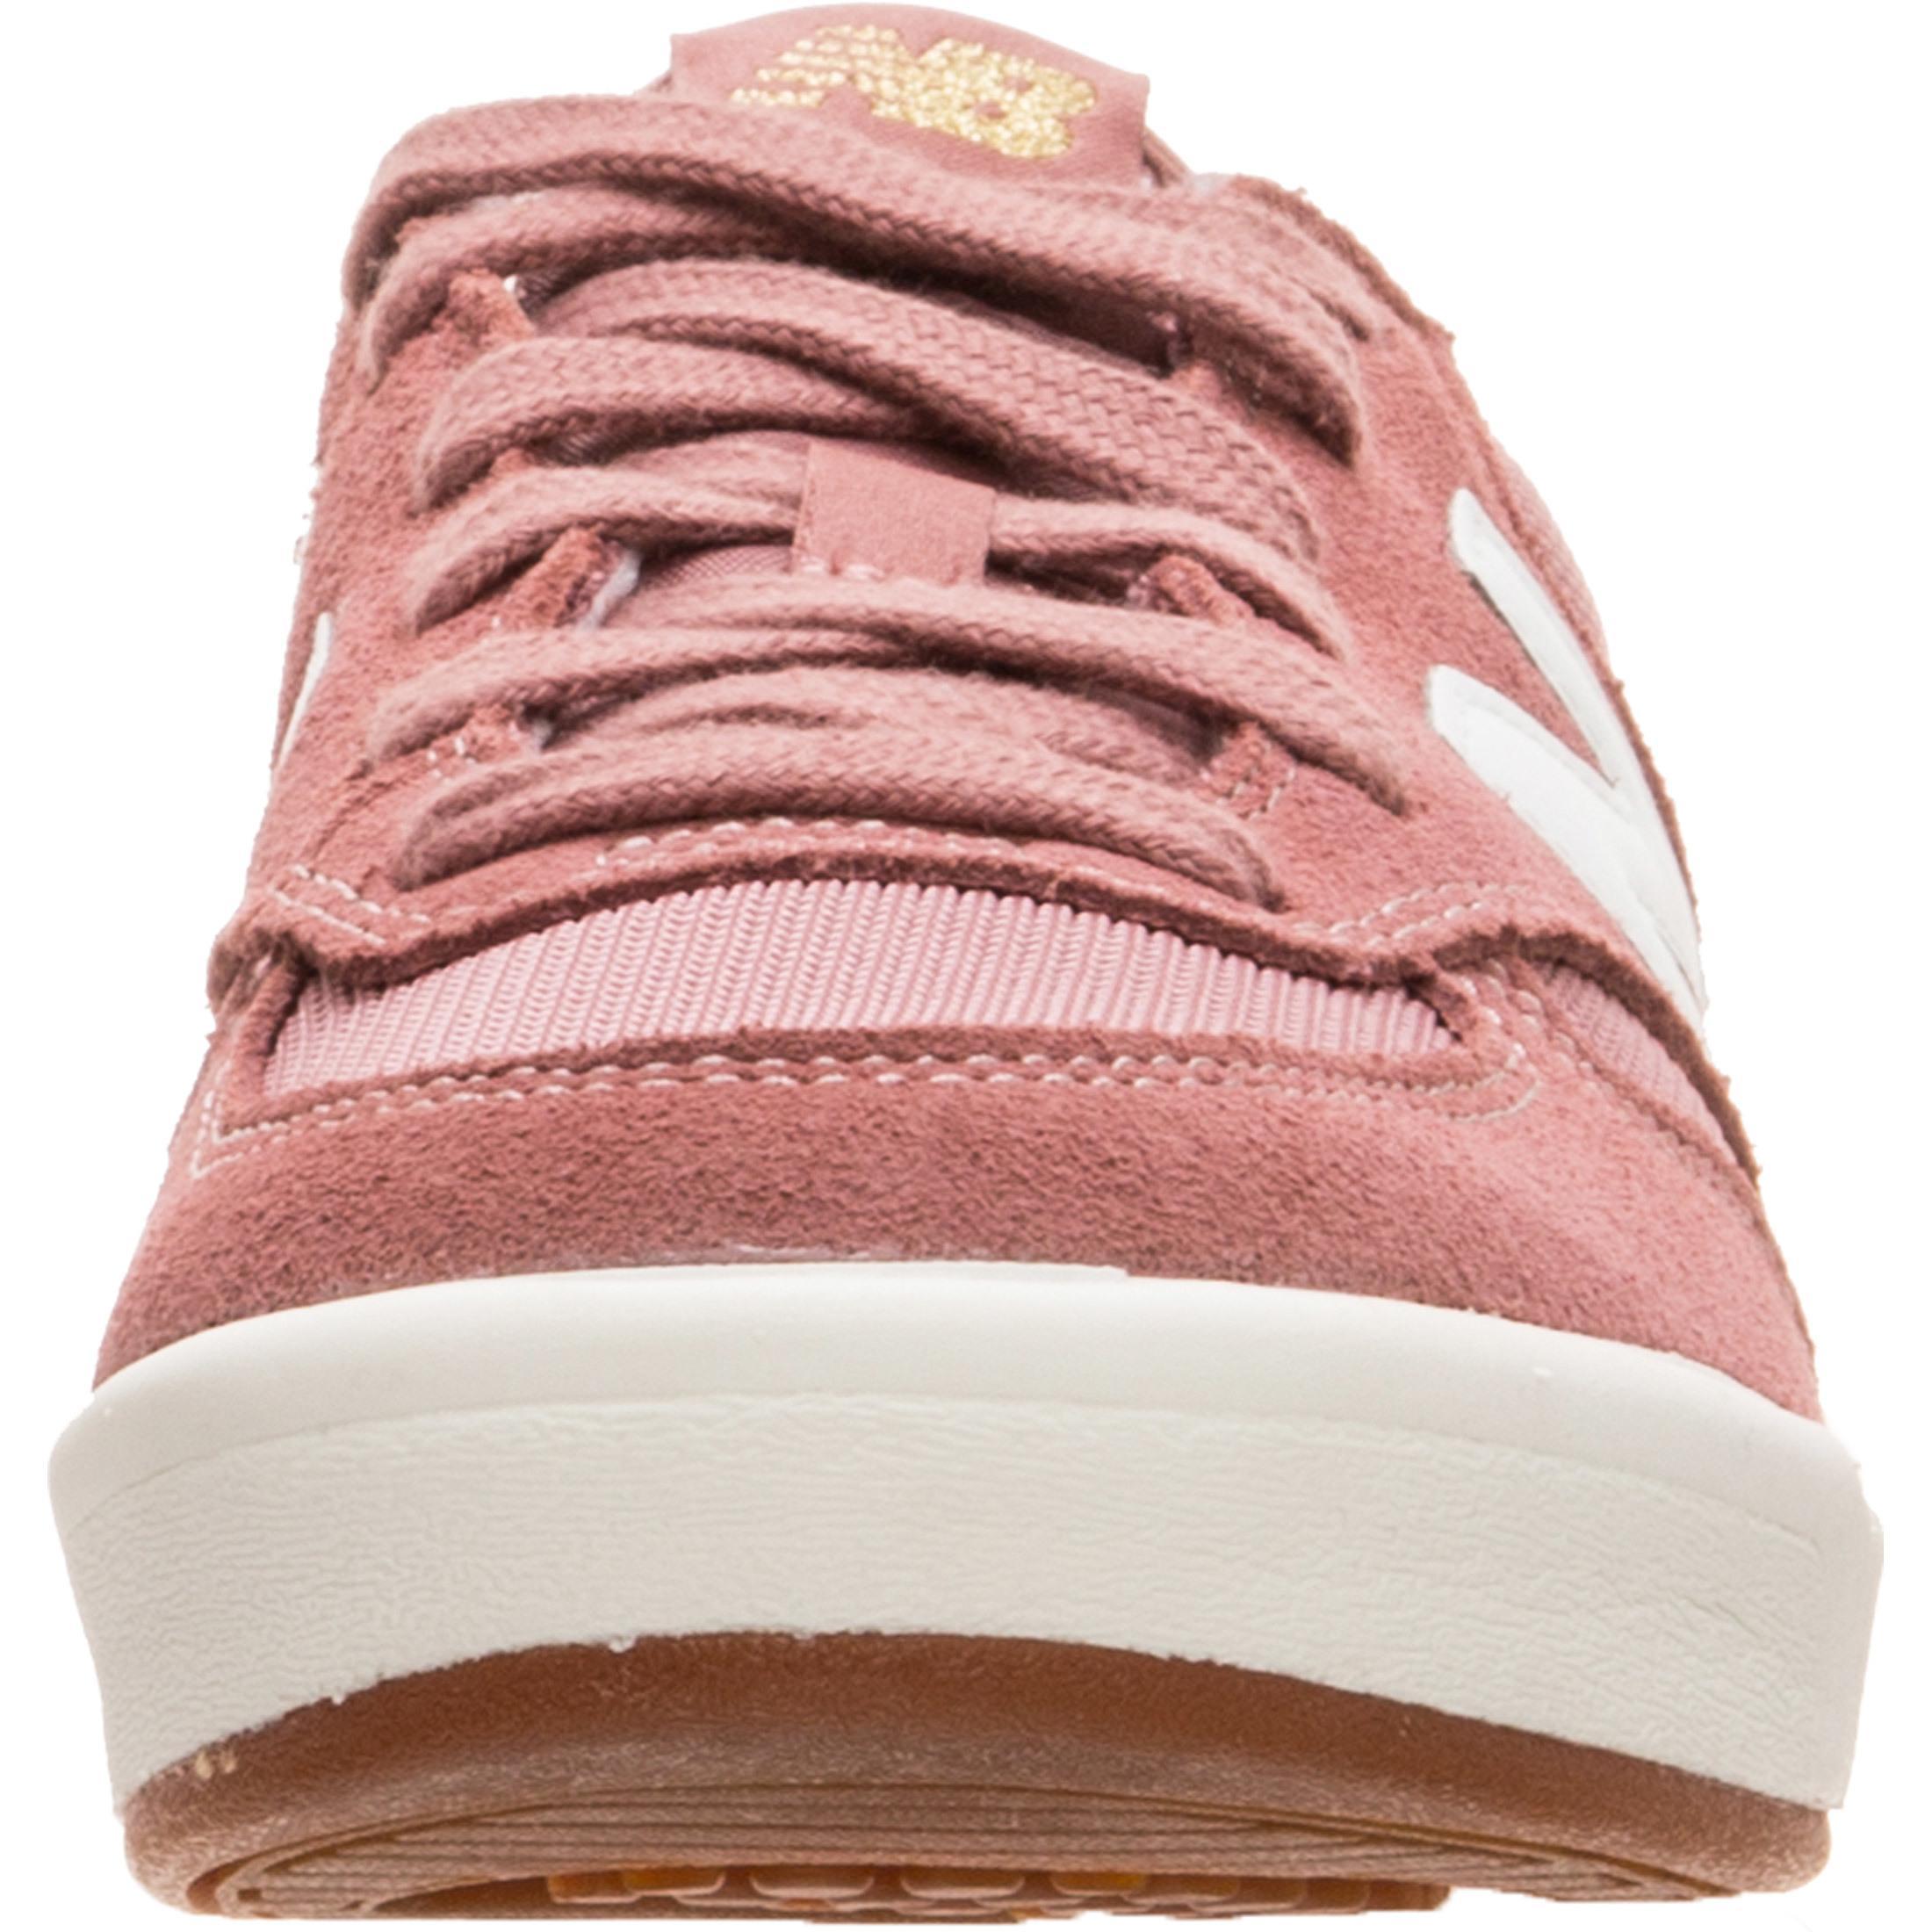 NEW BALANCE WRT300-FH-B Turnschuhe Damen Rosa im Online Shop Shop Shop von SportScheck kaufen Gute Qualität beliebte Schuhe c37c6a